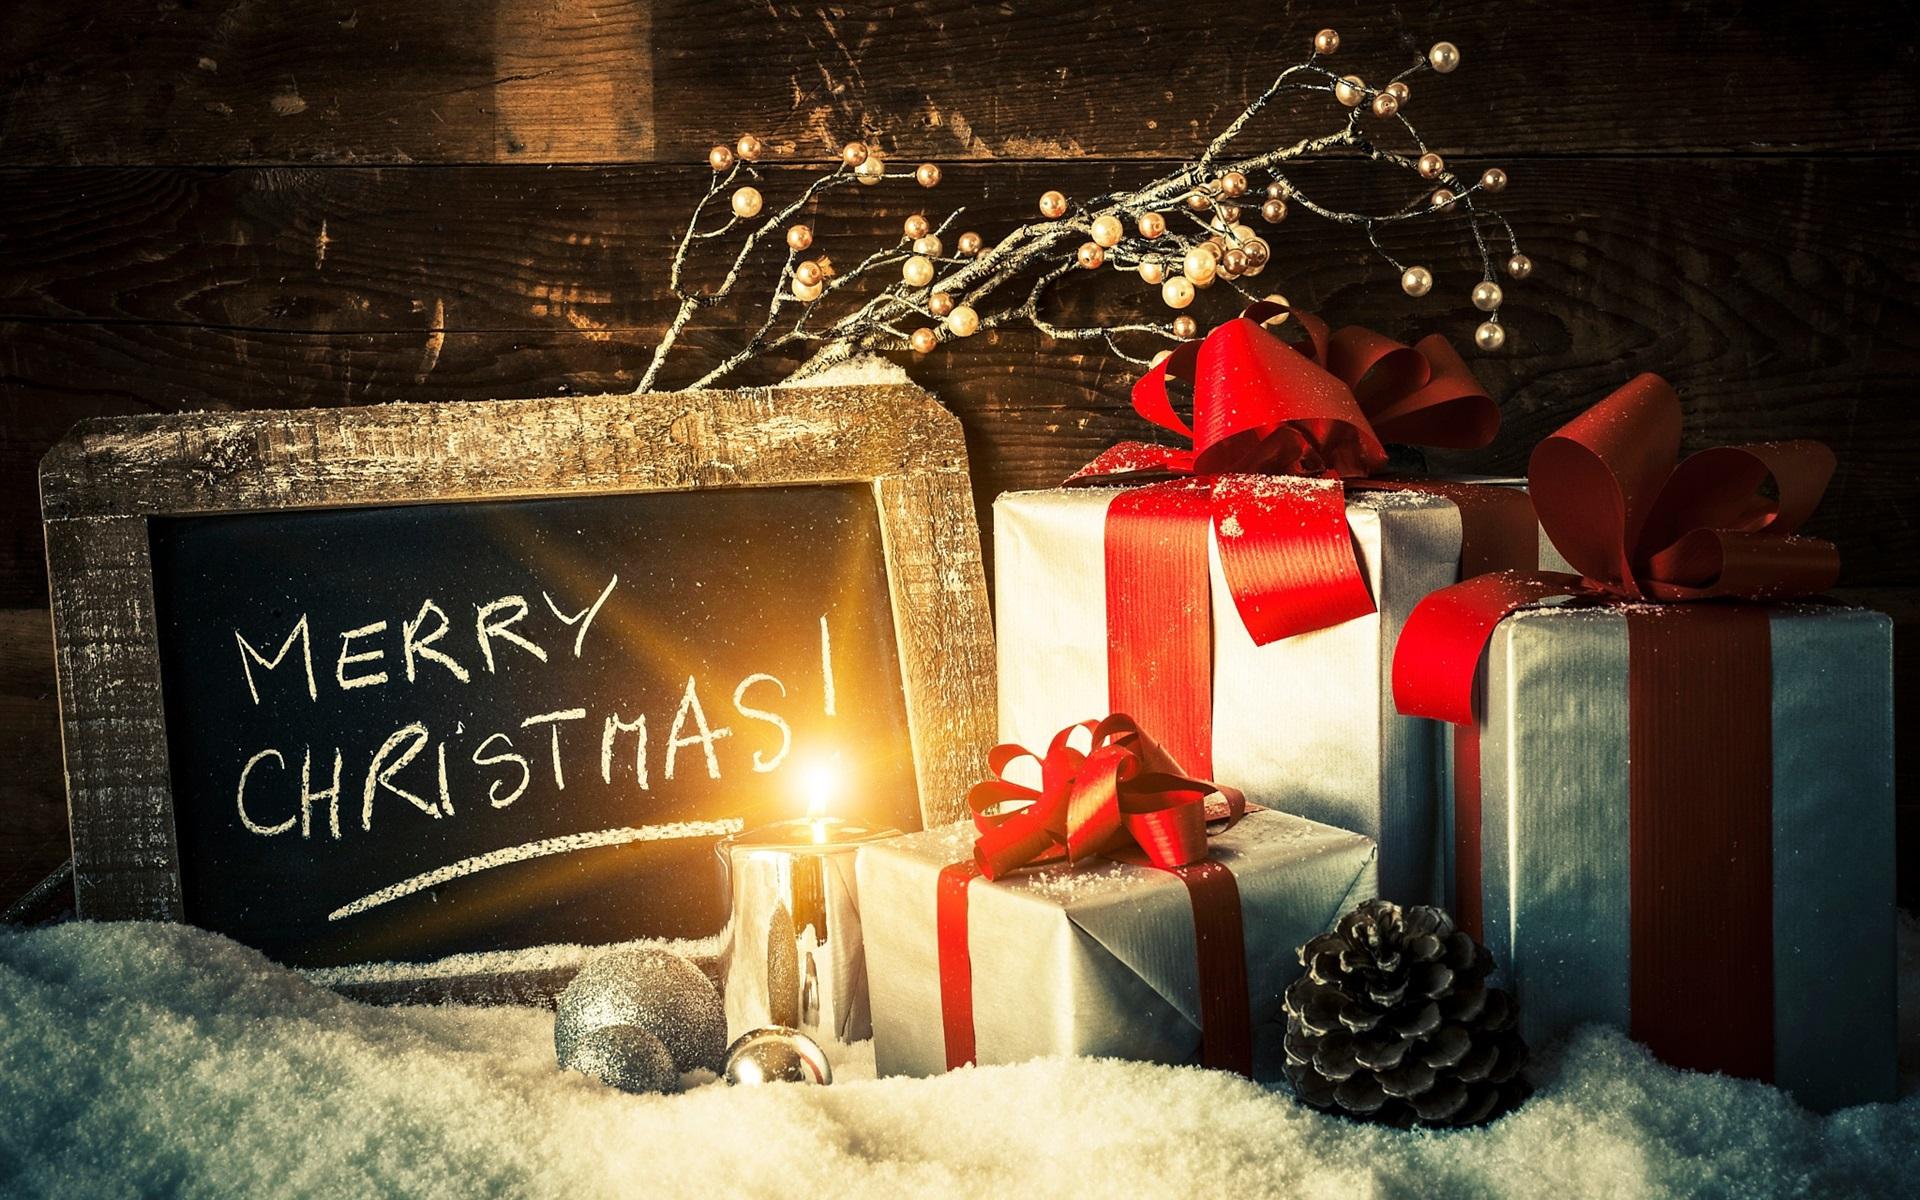 Hintergrundbilder Frohe Weihnachten.Frohe Weihnachten Geschenke Kerzenlicht Schnee 1920x1200